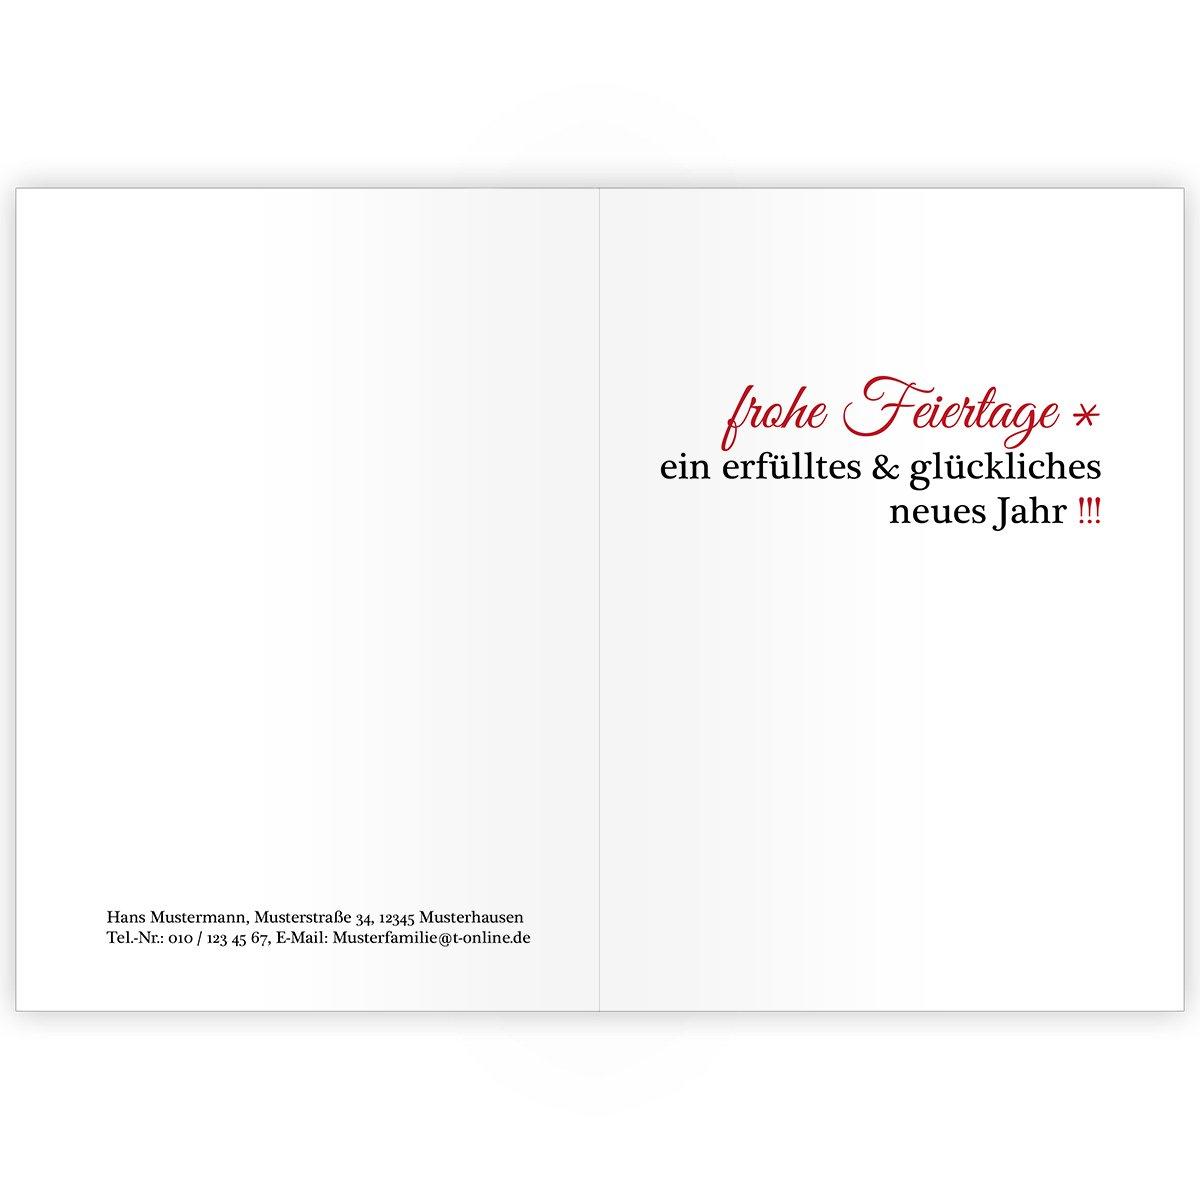 100er Weihnachtskarten Set Lustige Lustige Lustige Unternehmen Weihnachtskarten mit dickem Engel, innen blanko  weiß als geschäftliche Weihnachtsgrüße   Glückwunsch zu Neujahr   Weihnachtskarte an Firmenkunden, Geschäftspartner, Mitarbeite a6fe8c